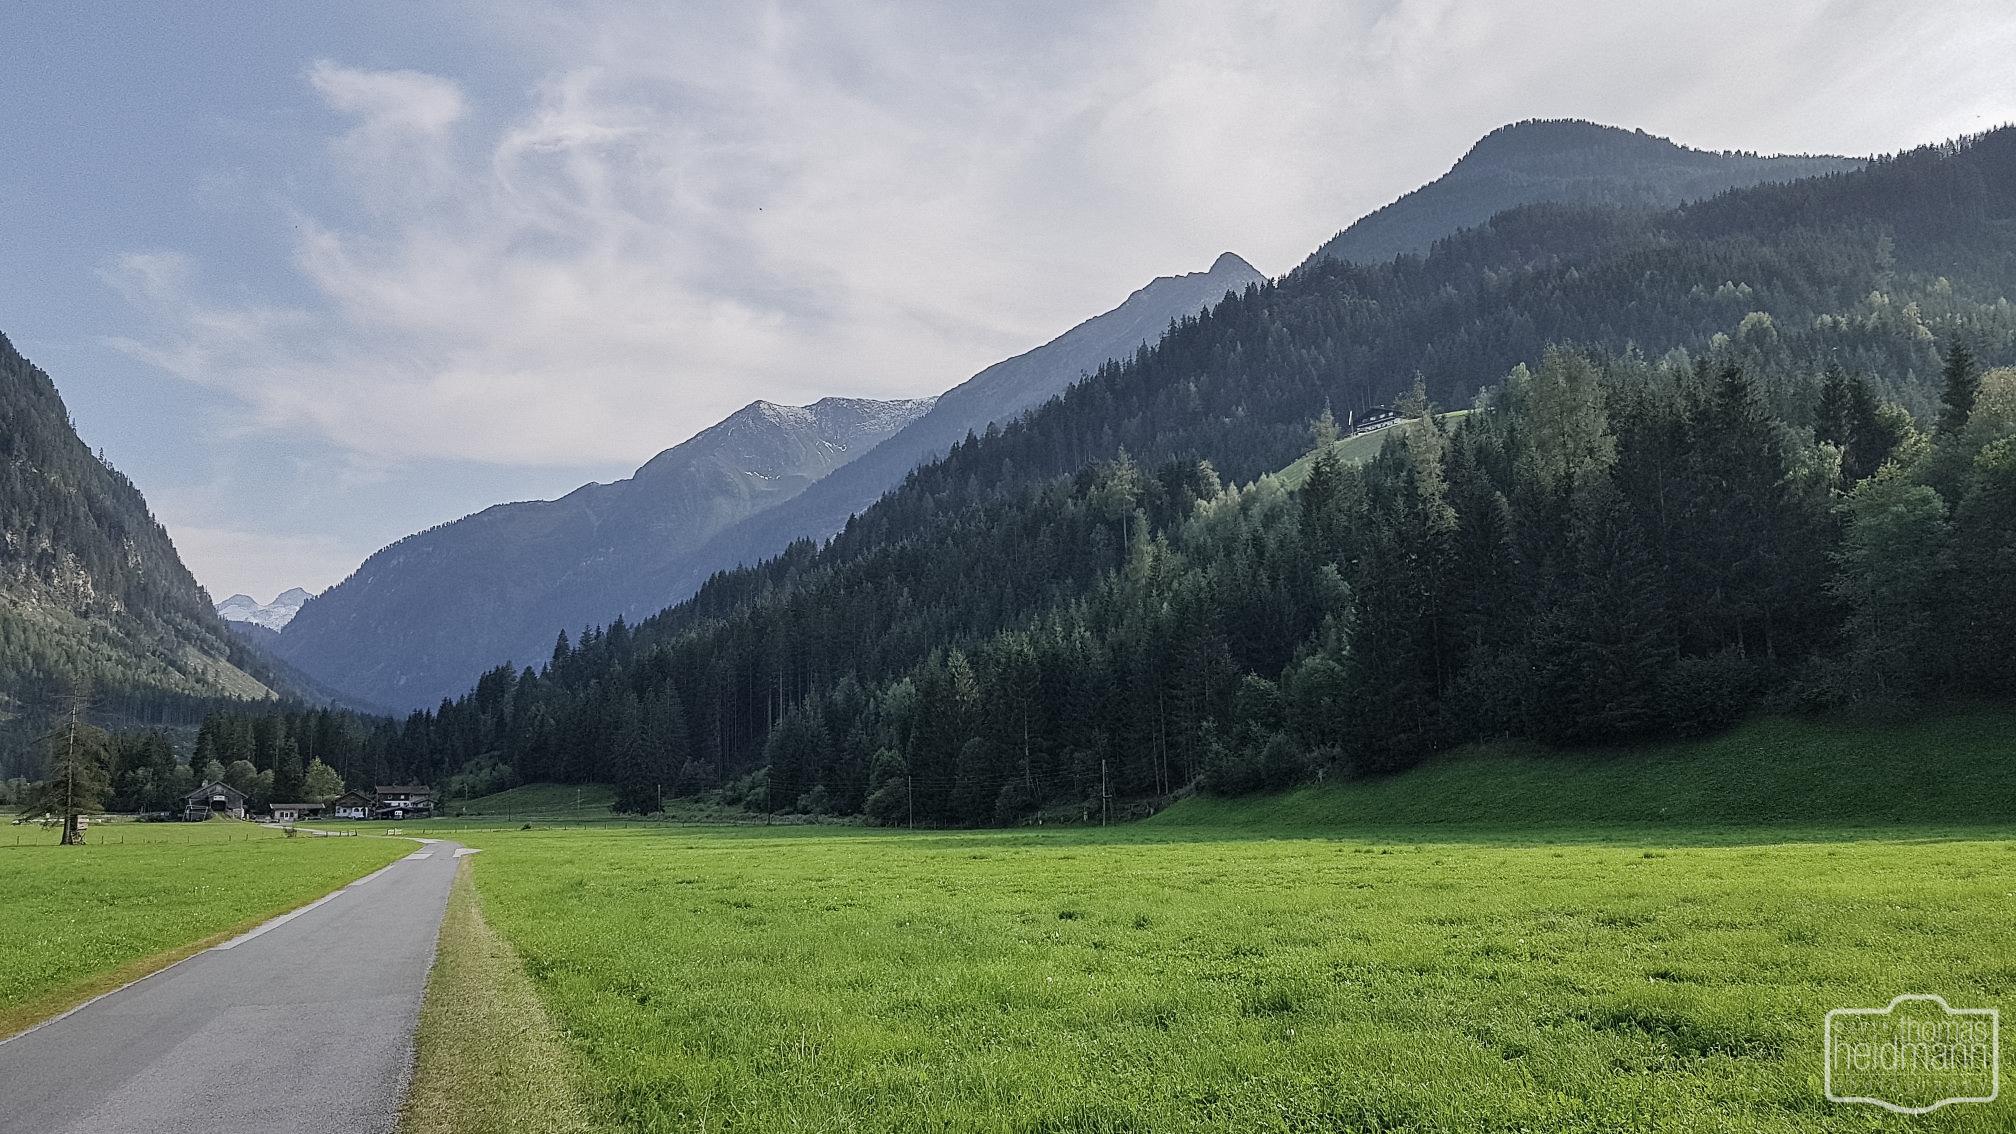 Radtour hinauf zum Wildkogel bei Neukirchen am Großvenediger in Österreich